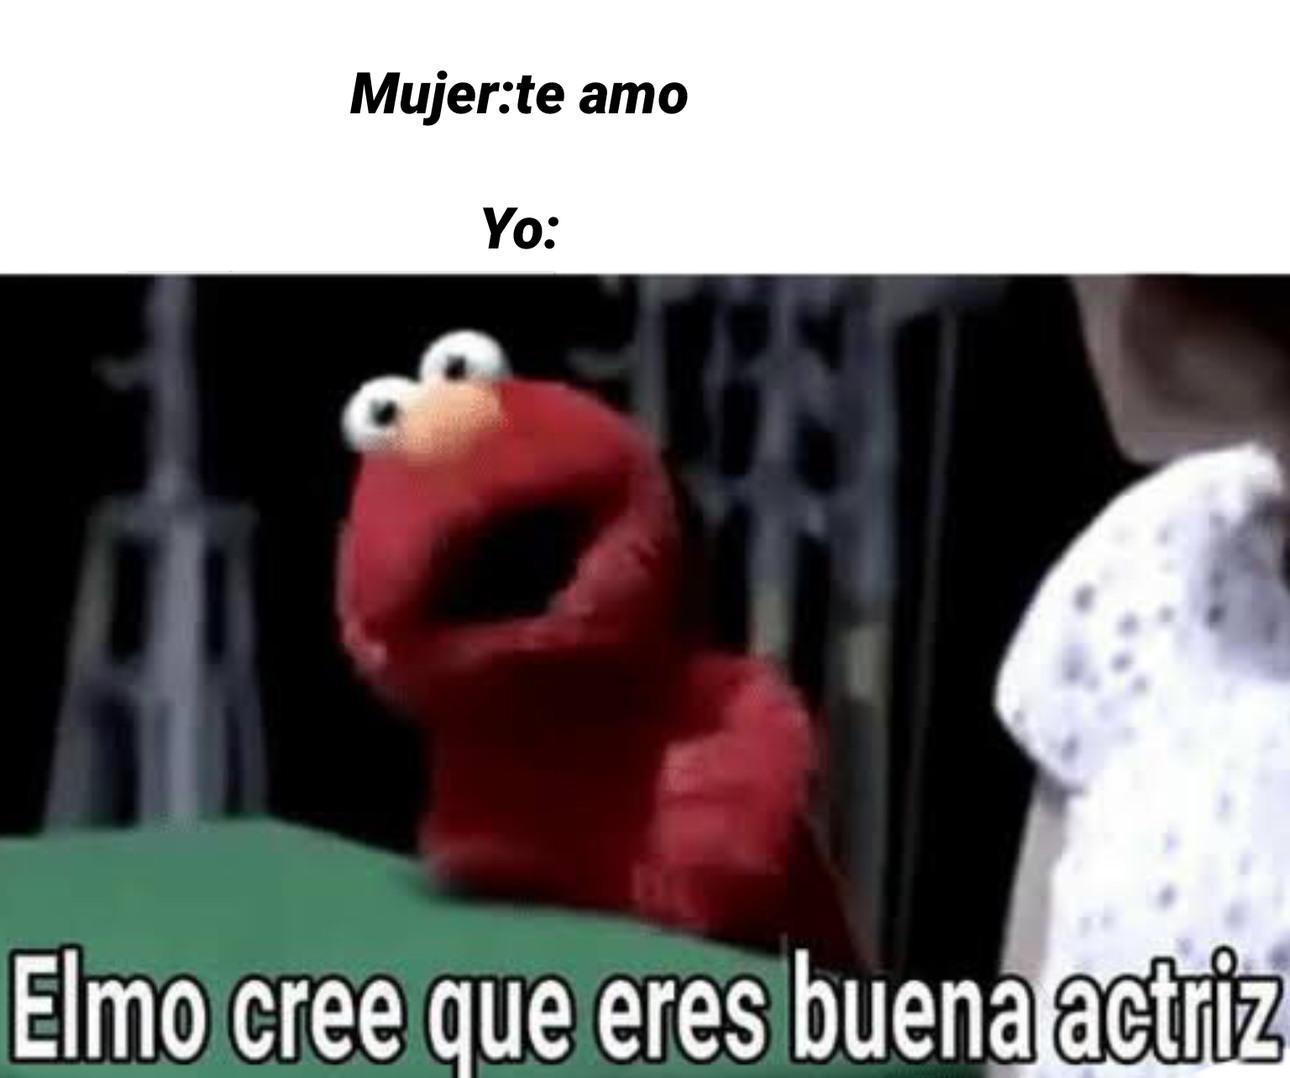 Lolol - meme